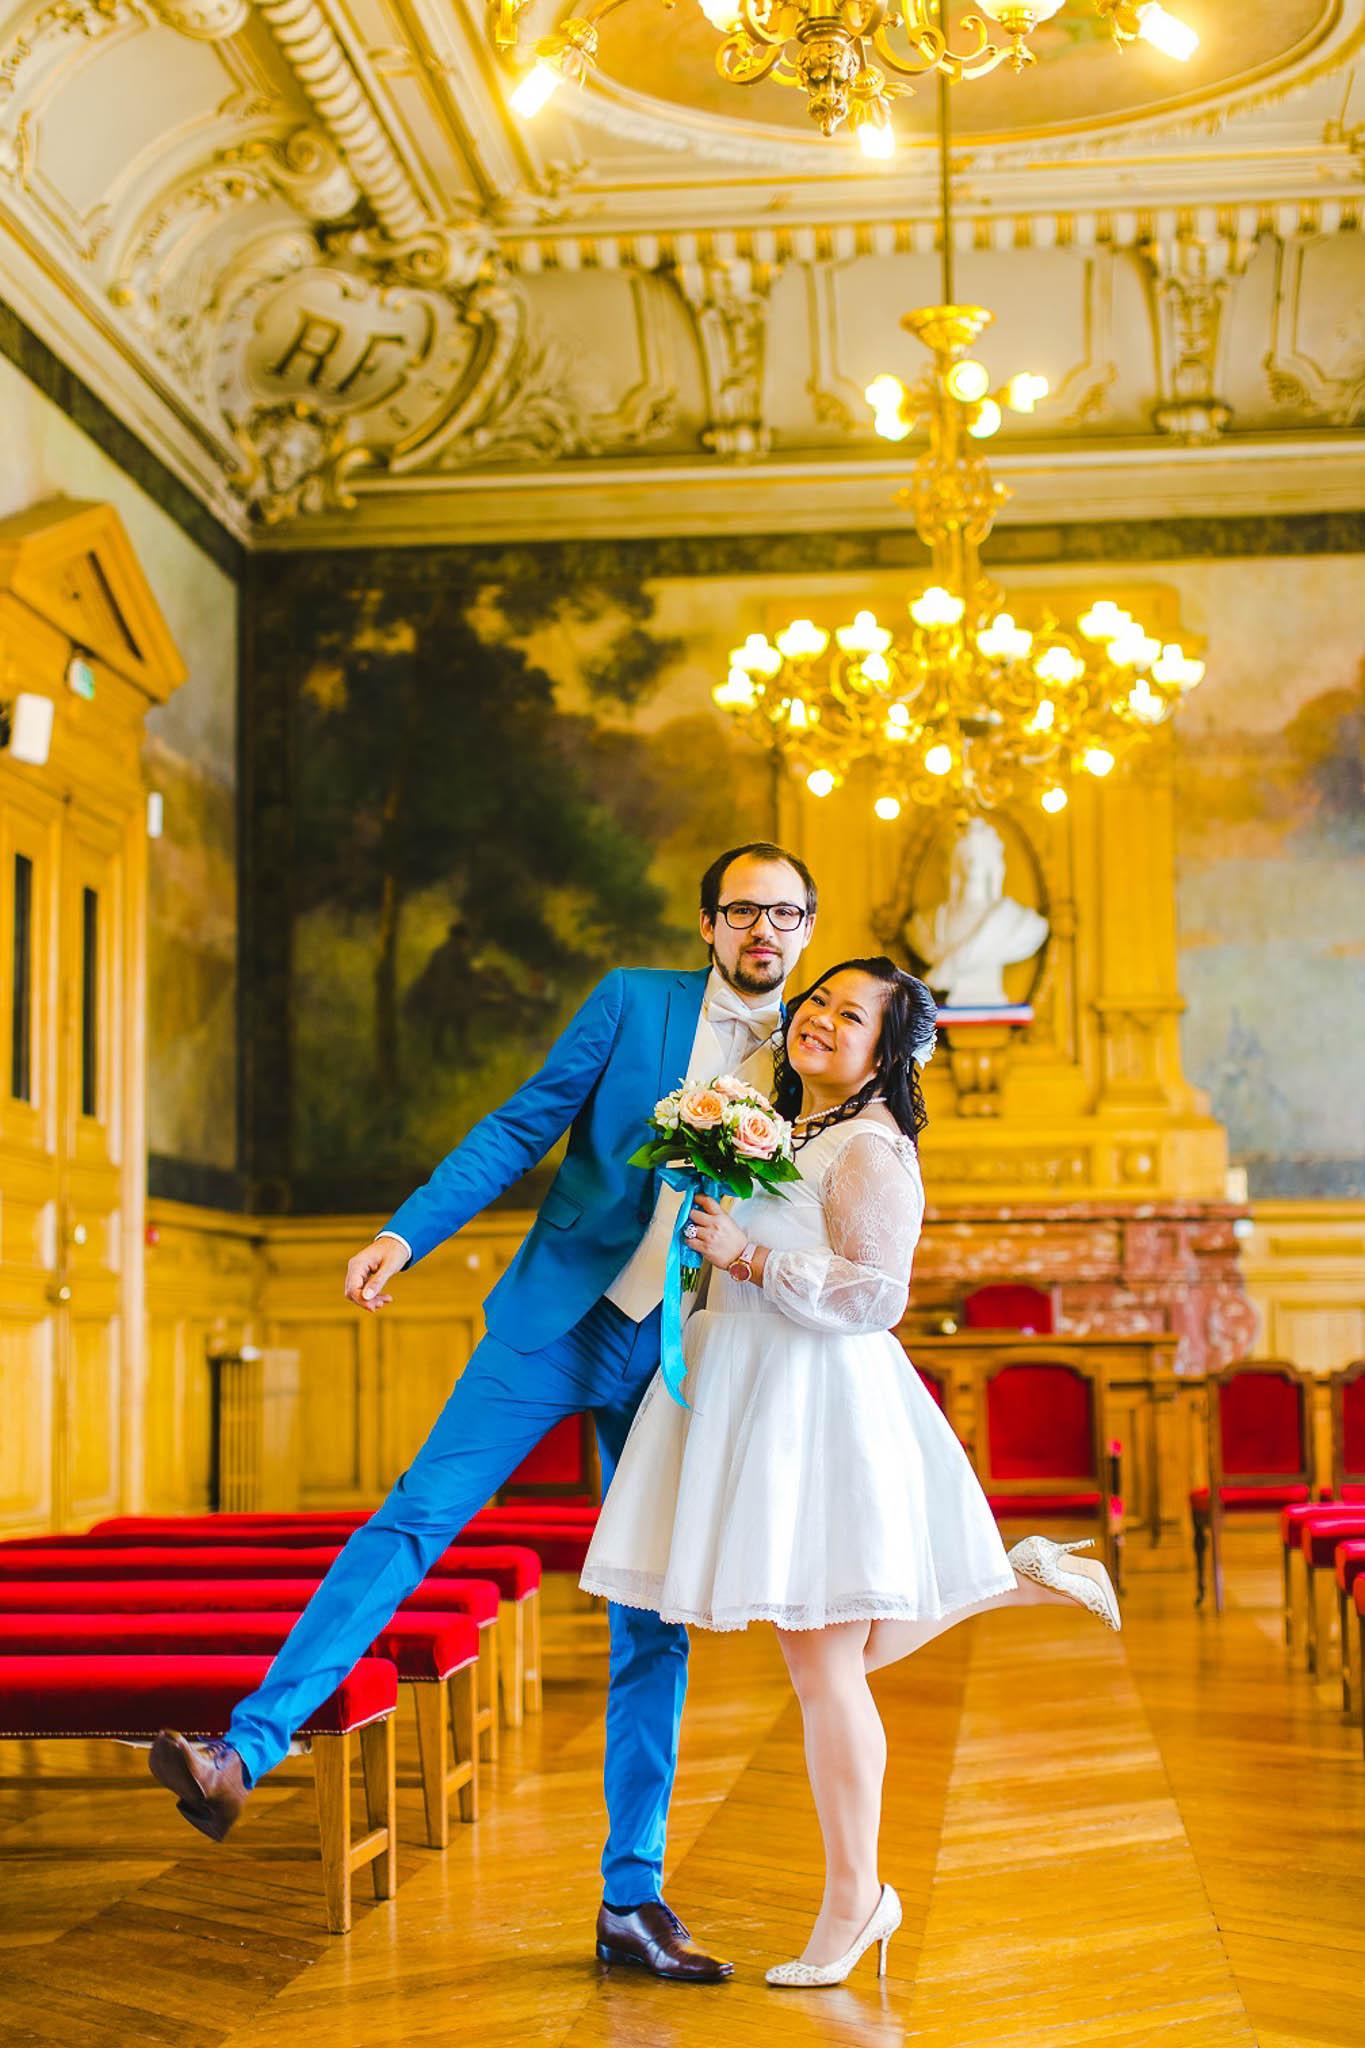 Art_Avec_Amour_Photographe_Mariage_Famille_Paris_France-00144.jpg